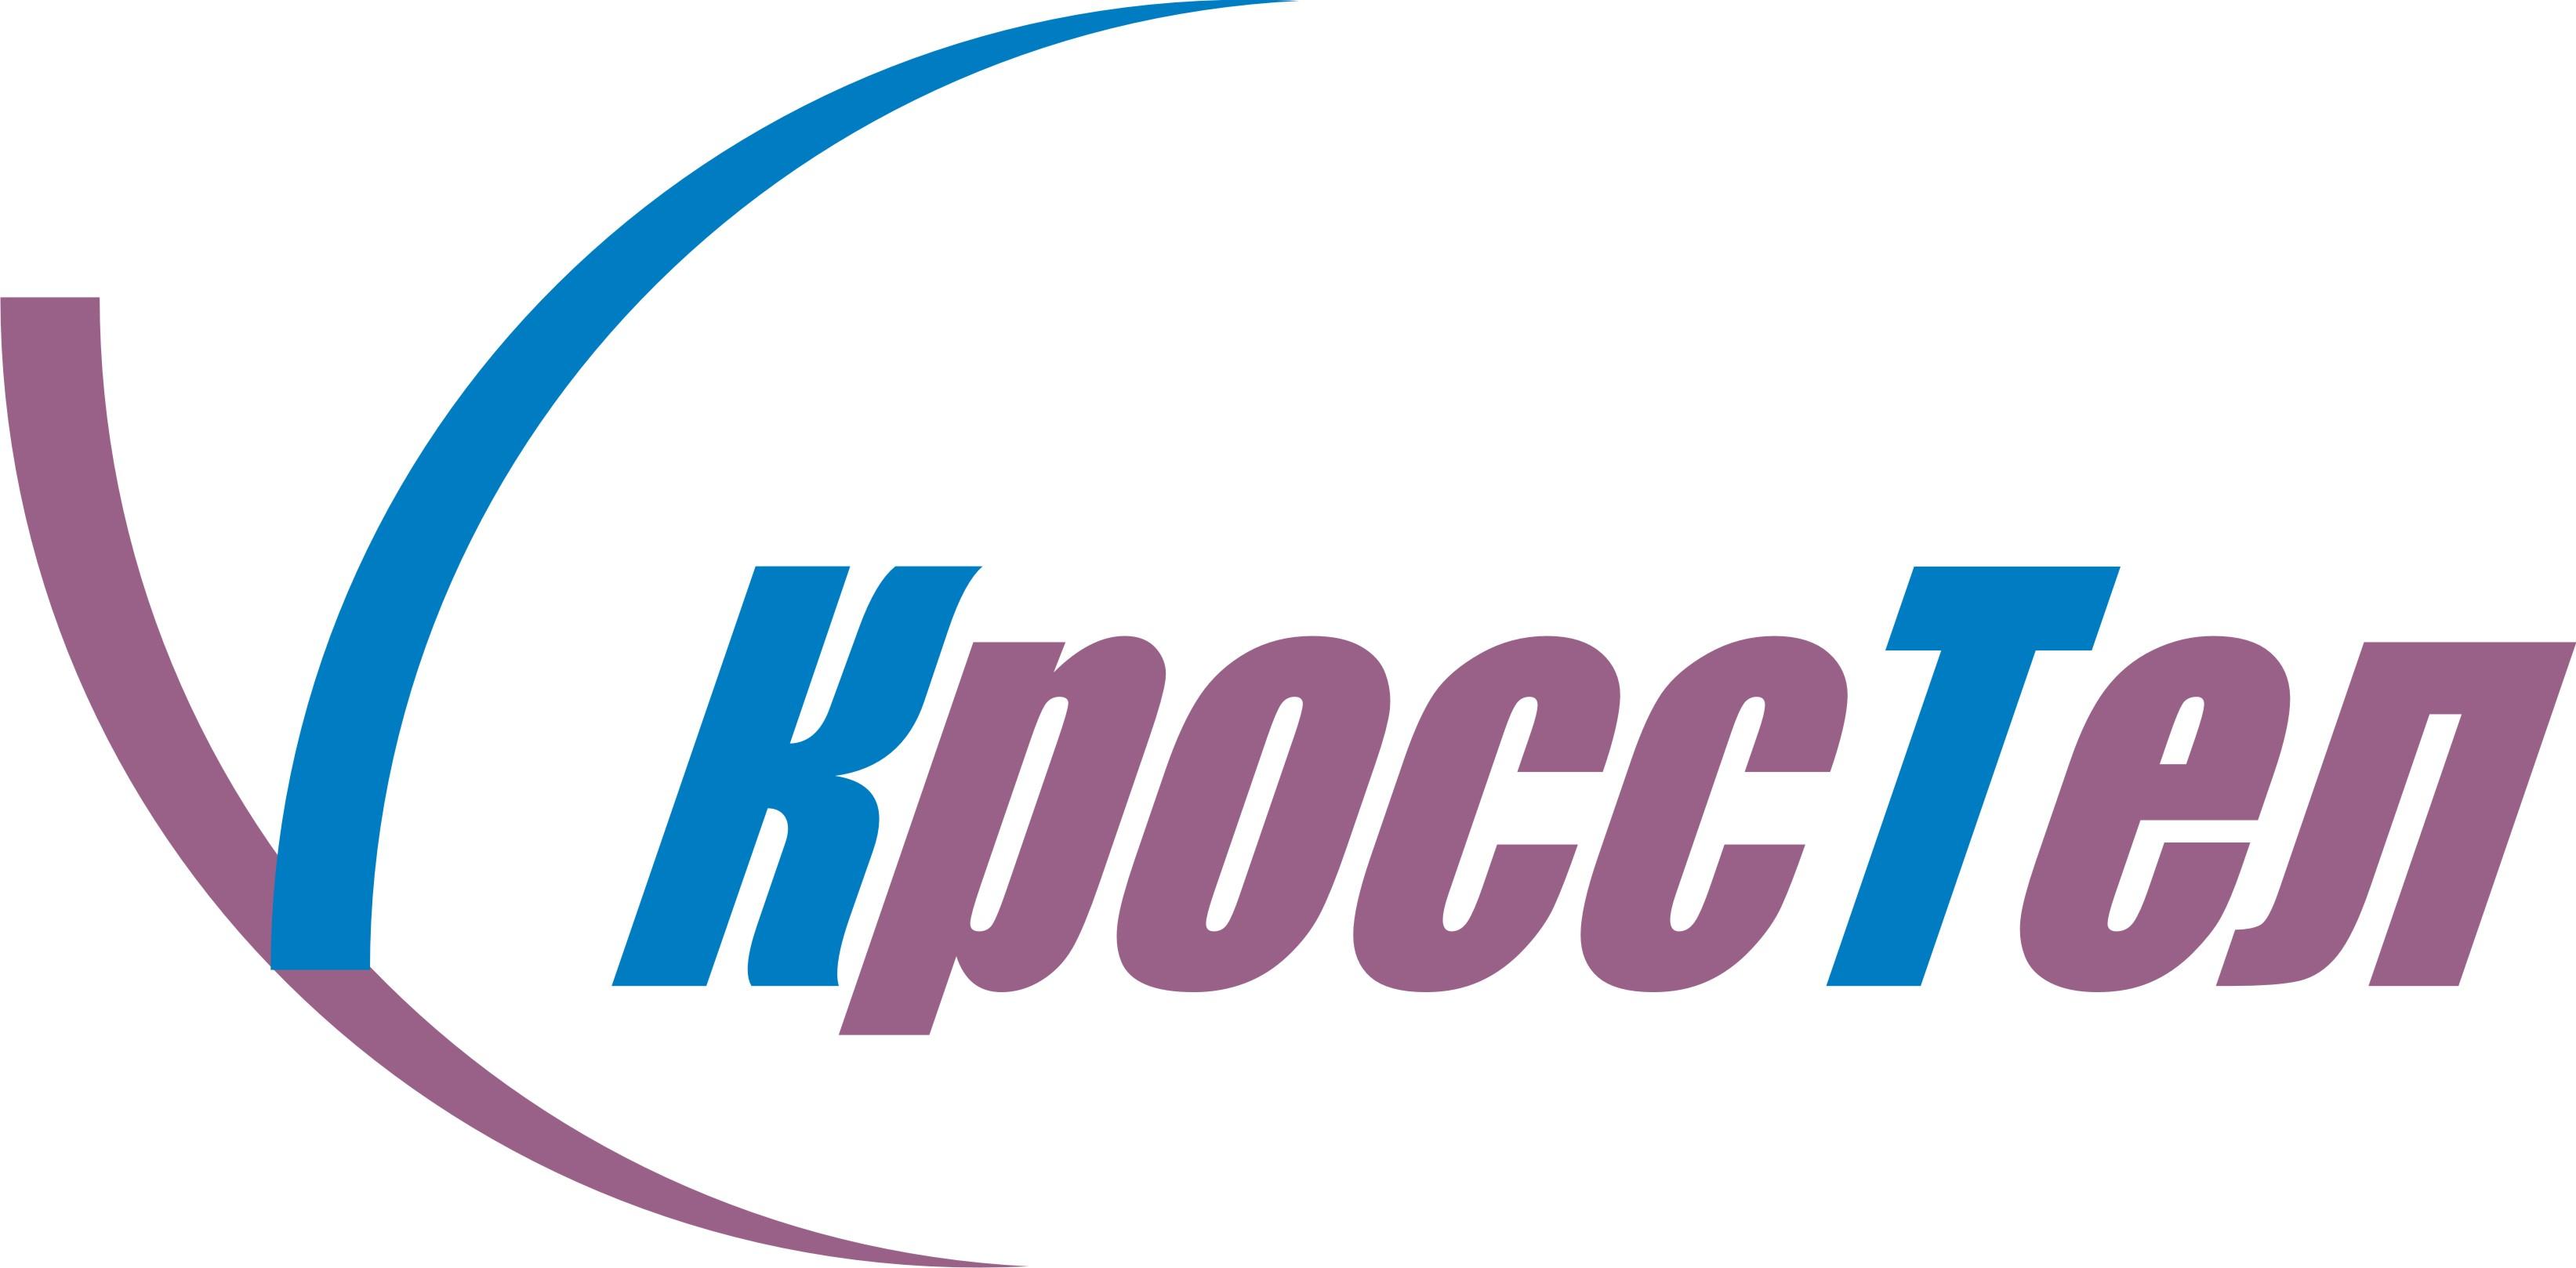 Логотип для компании оператора связи фото f_4ed55a9a2289e.jpg